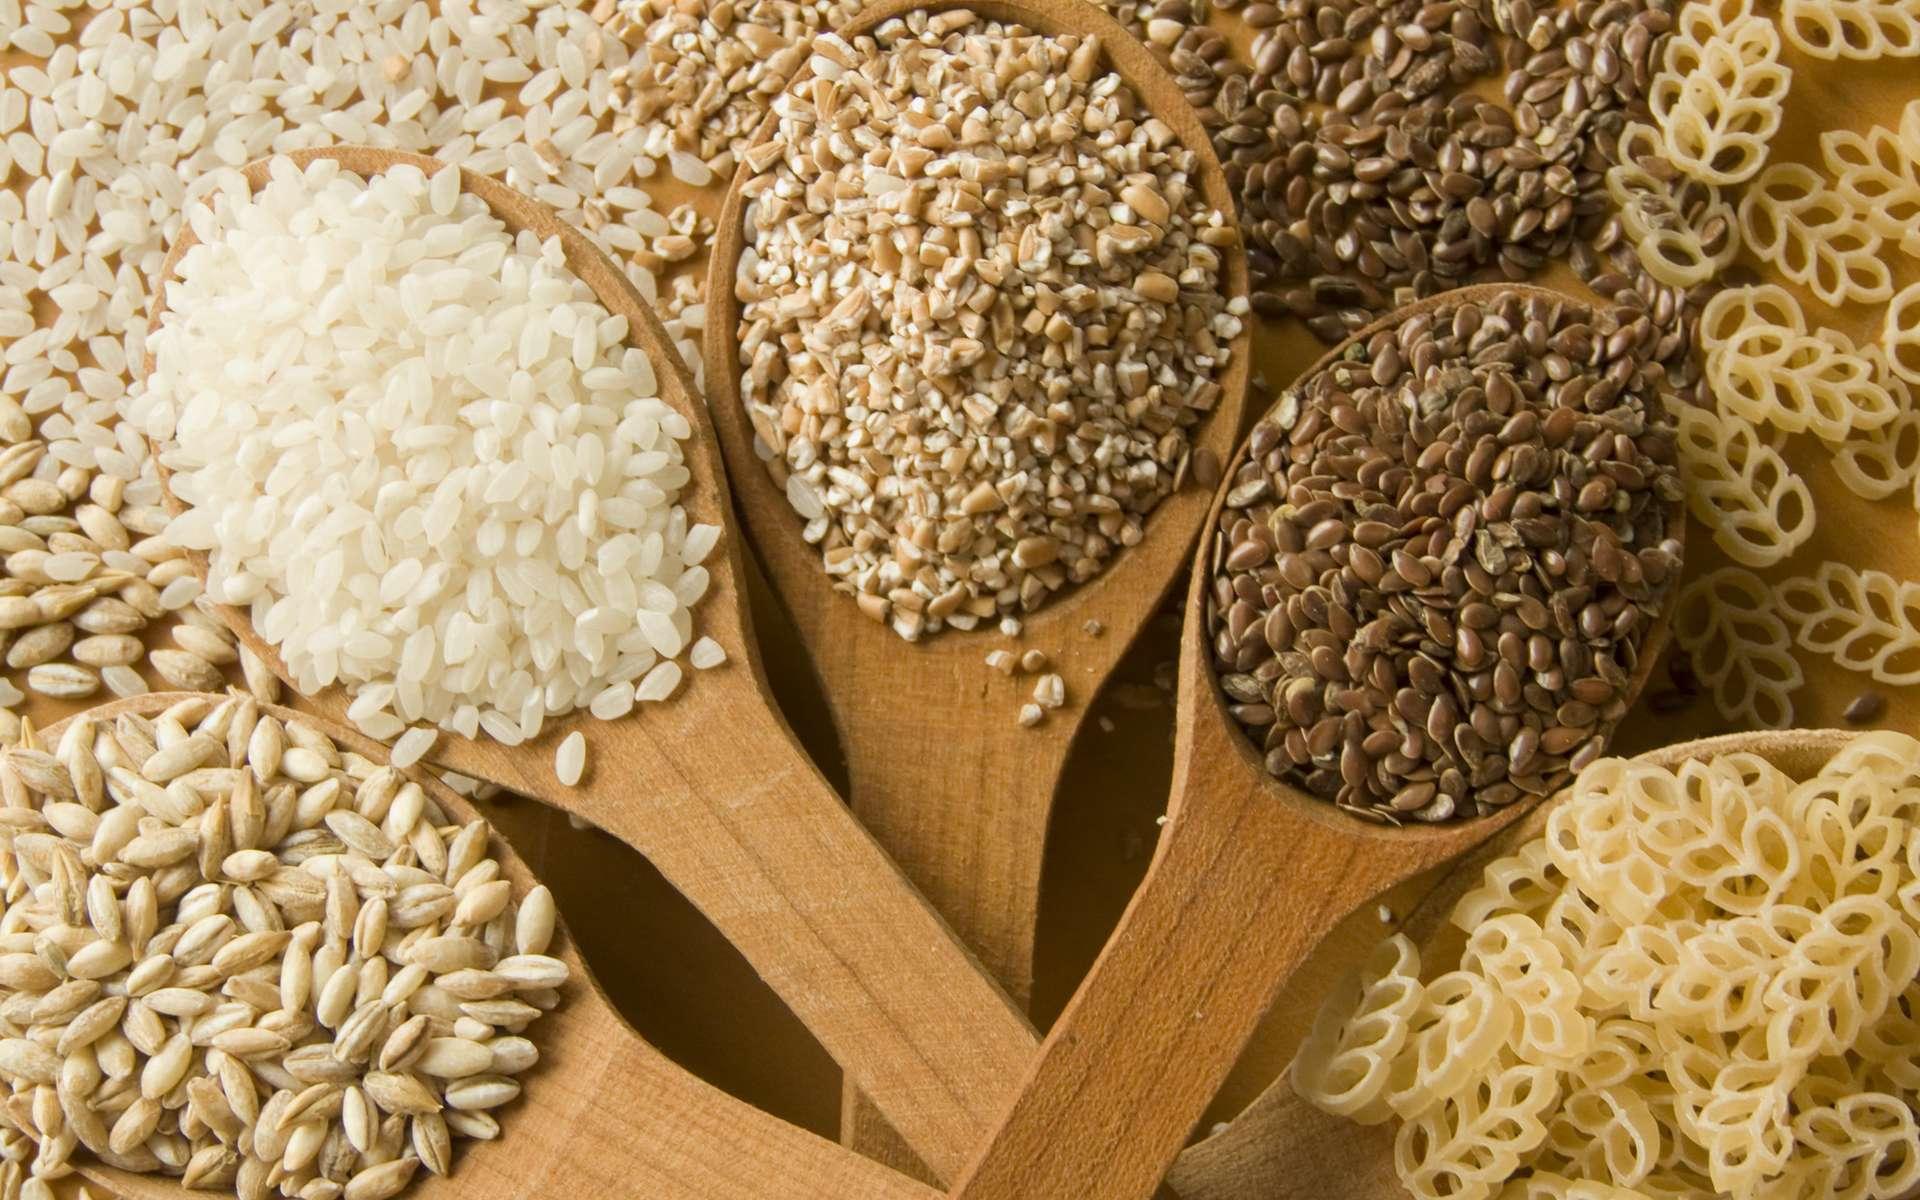 La consommation de céréales raffinées serait associée à une mortalité plus élevée. © AGfoto, Adobe Stock